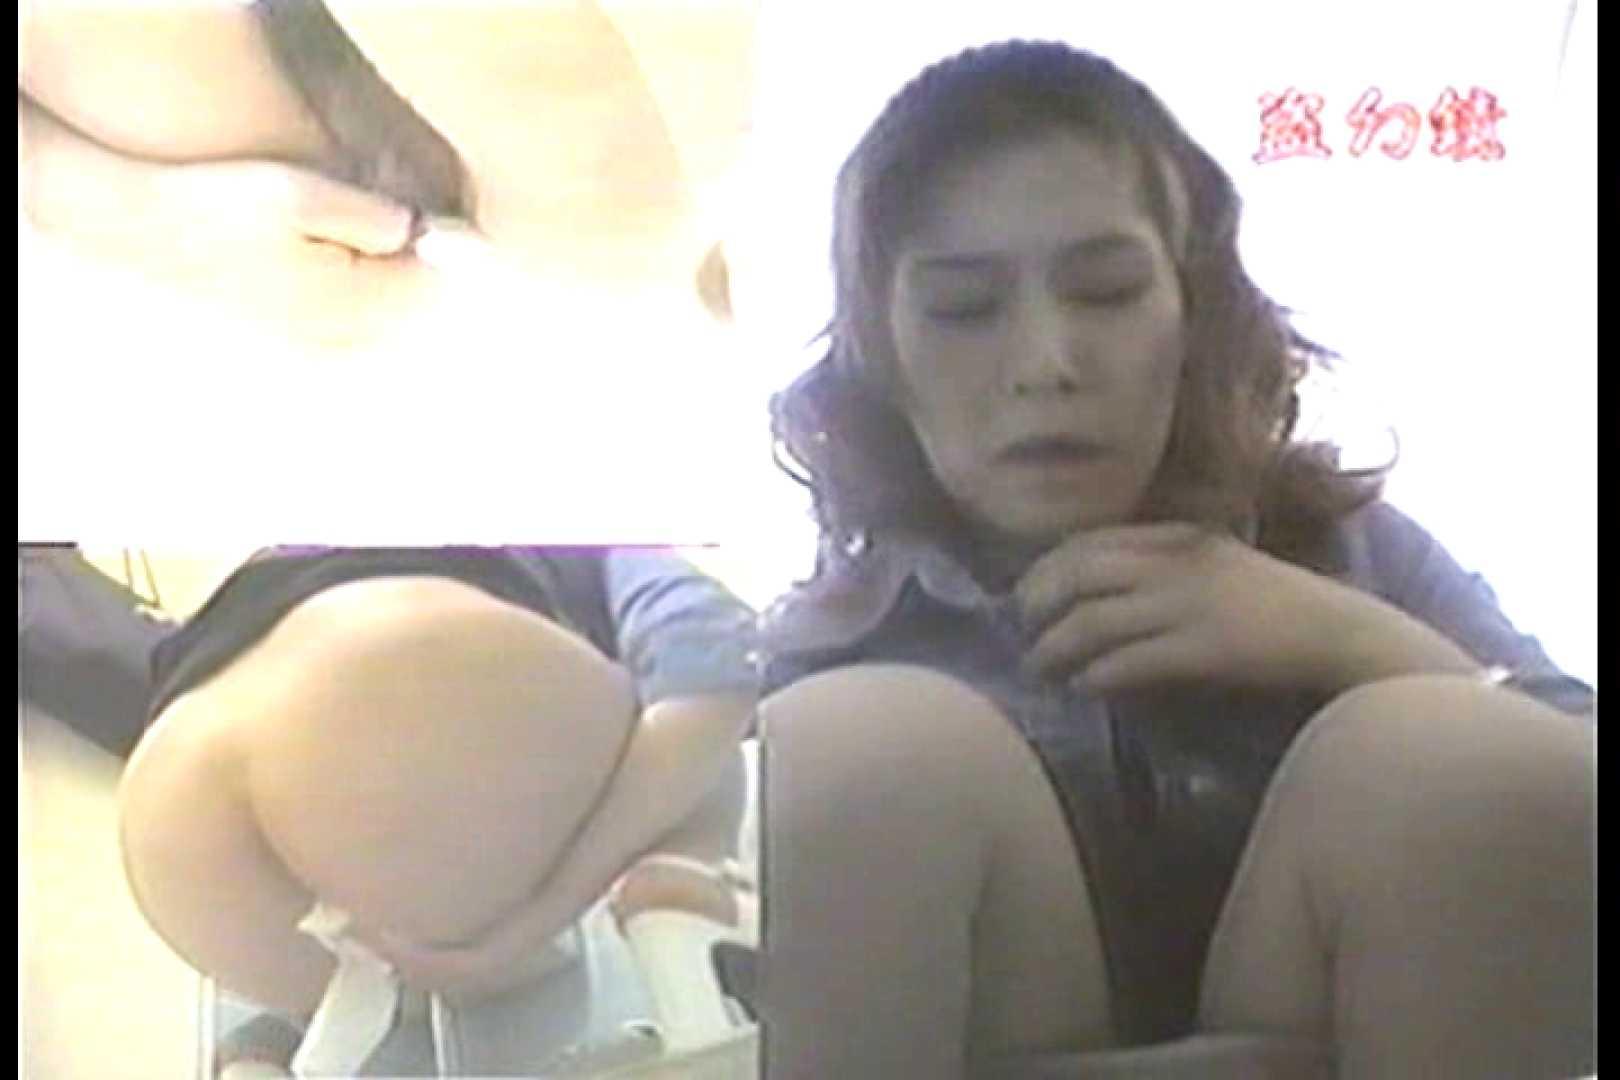 洗面所羞恥美女んMV-4 洗面所 | 美女  51pic 47